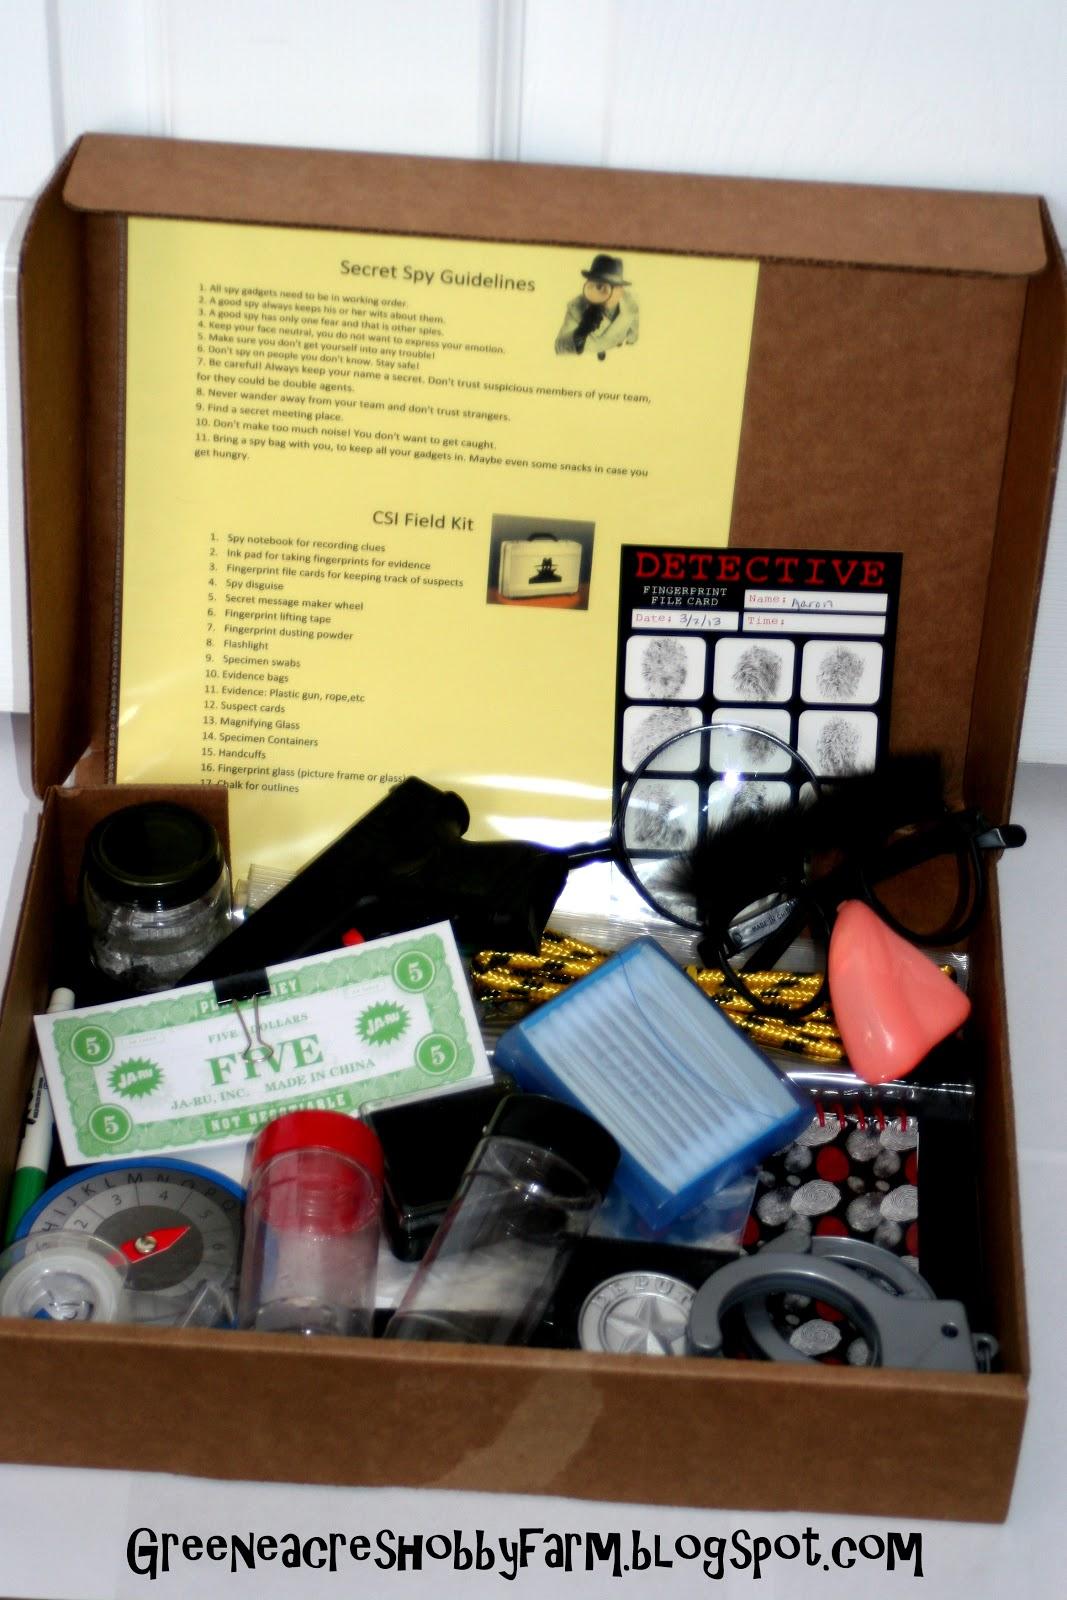 greene acres hobby farm diy secret agent spy kit game. Black Bedroom Furniture Sets. Home Design Ideas